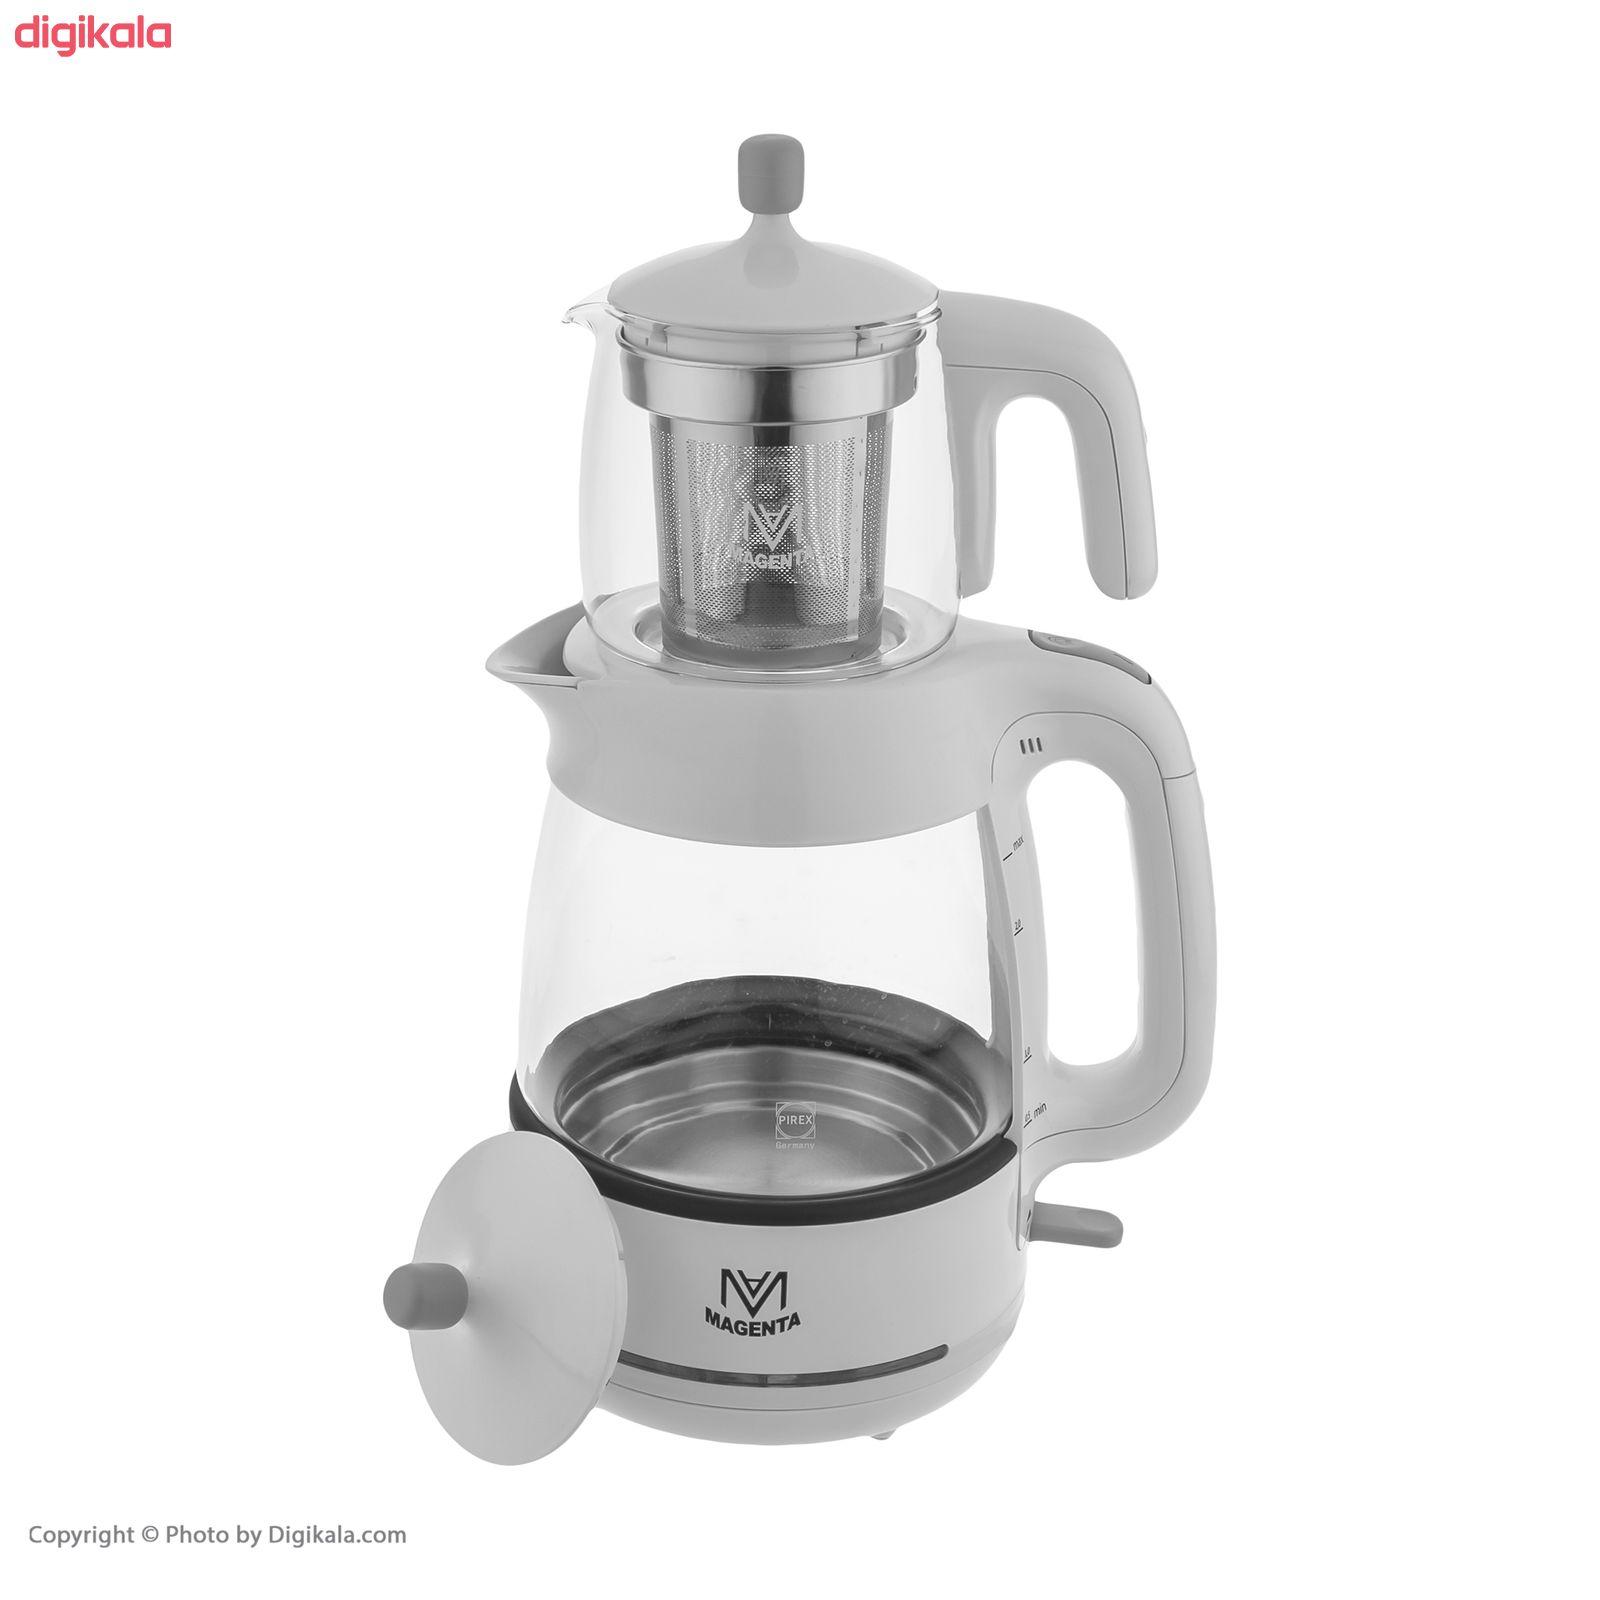 چای ساز مگنتا مدل 070 main 1 5